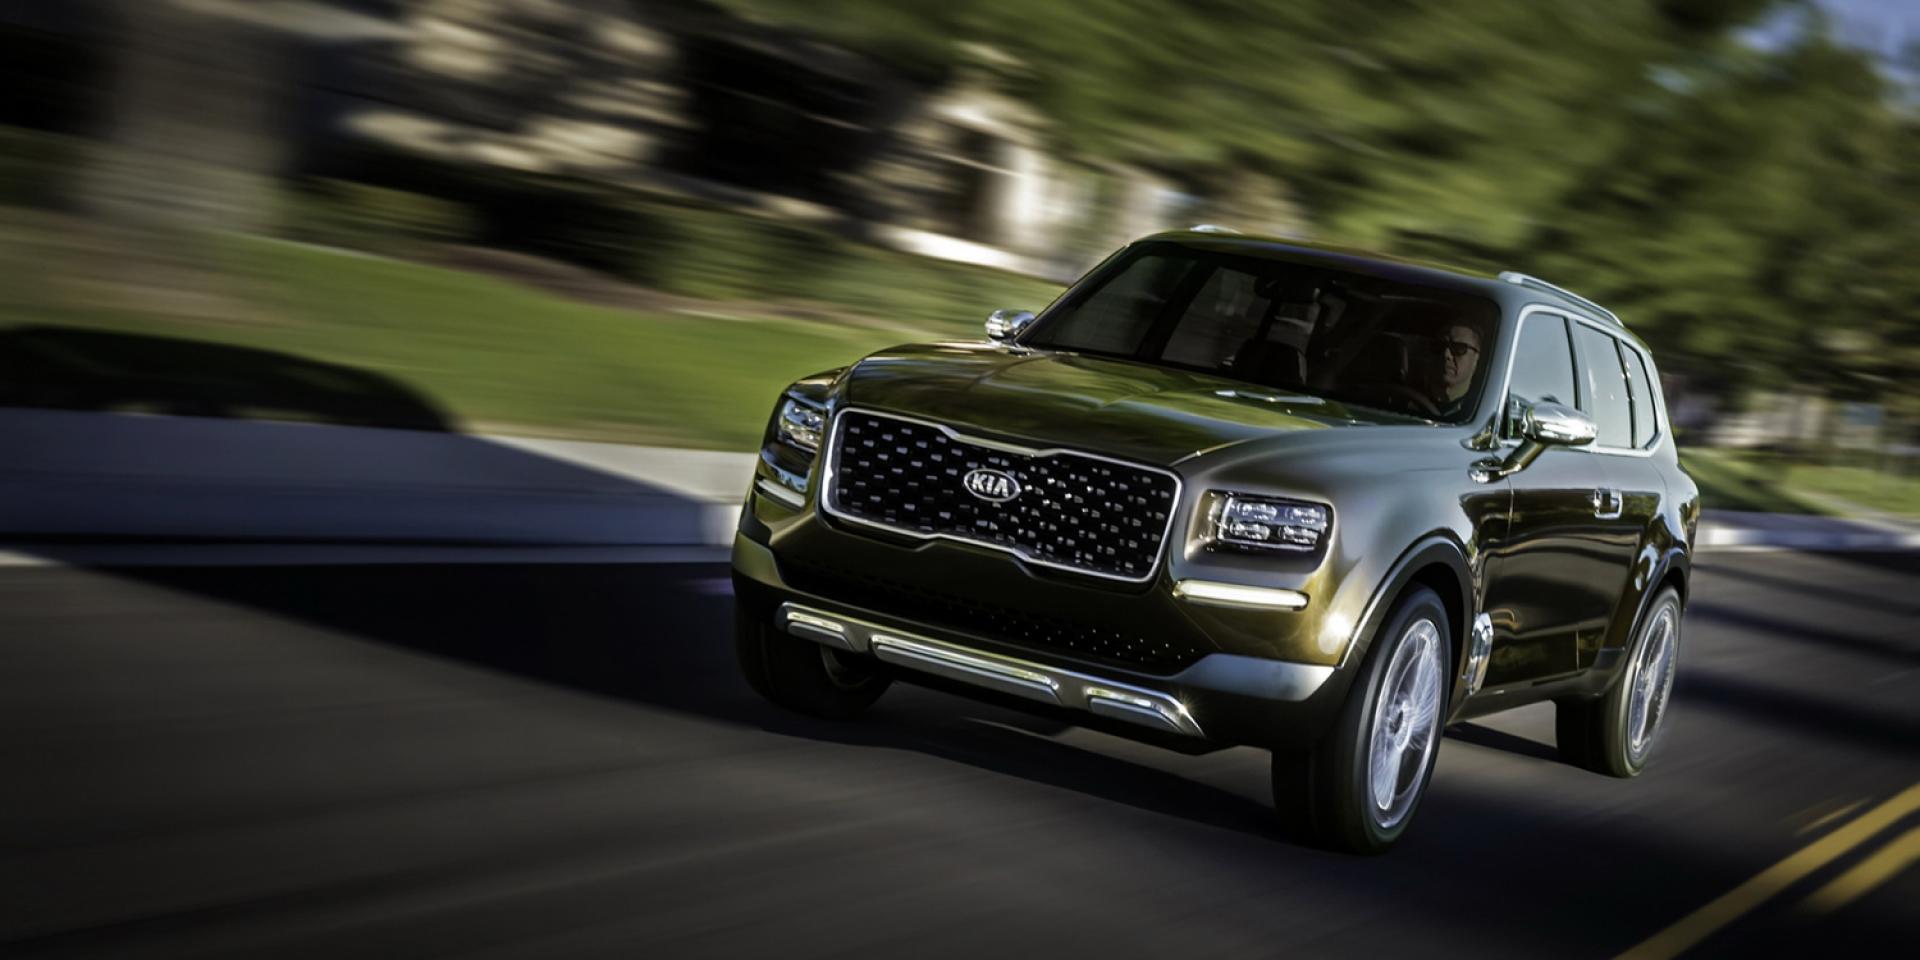 全新頂級旗艦SUV再添猛虎,Kia Telluride概念車進入量產計畫